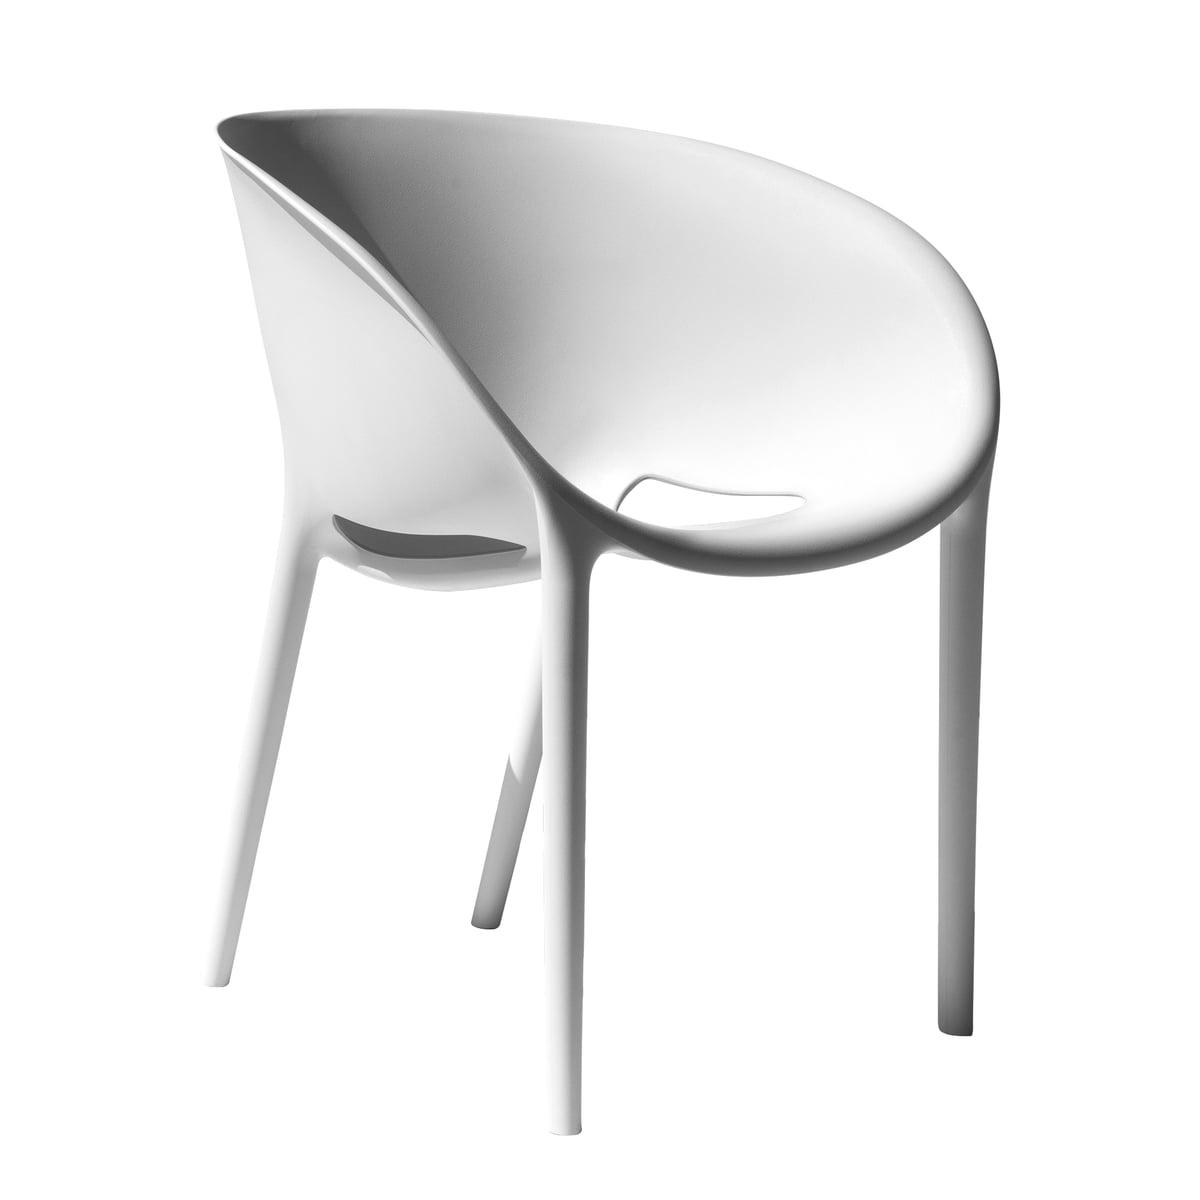 Stuhl ei latest du ldst eine vorschau herunter wenn du for Stuhl design analyse